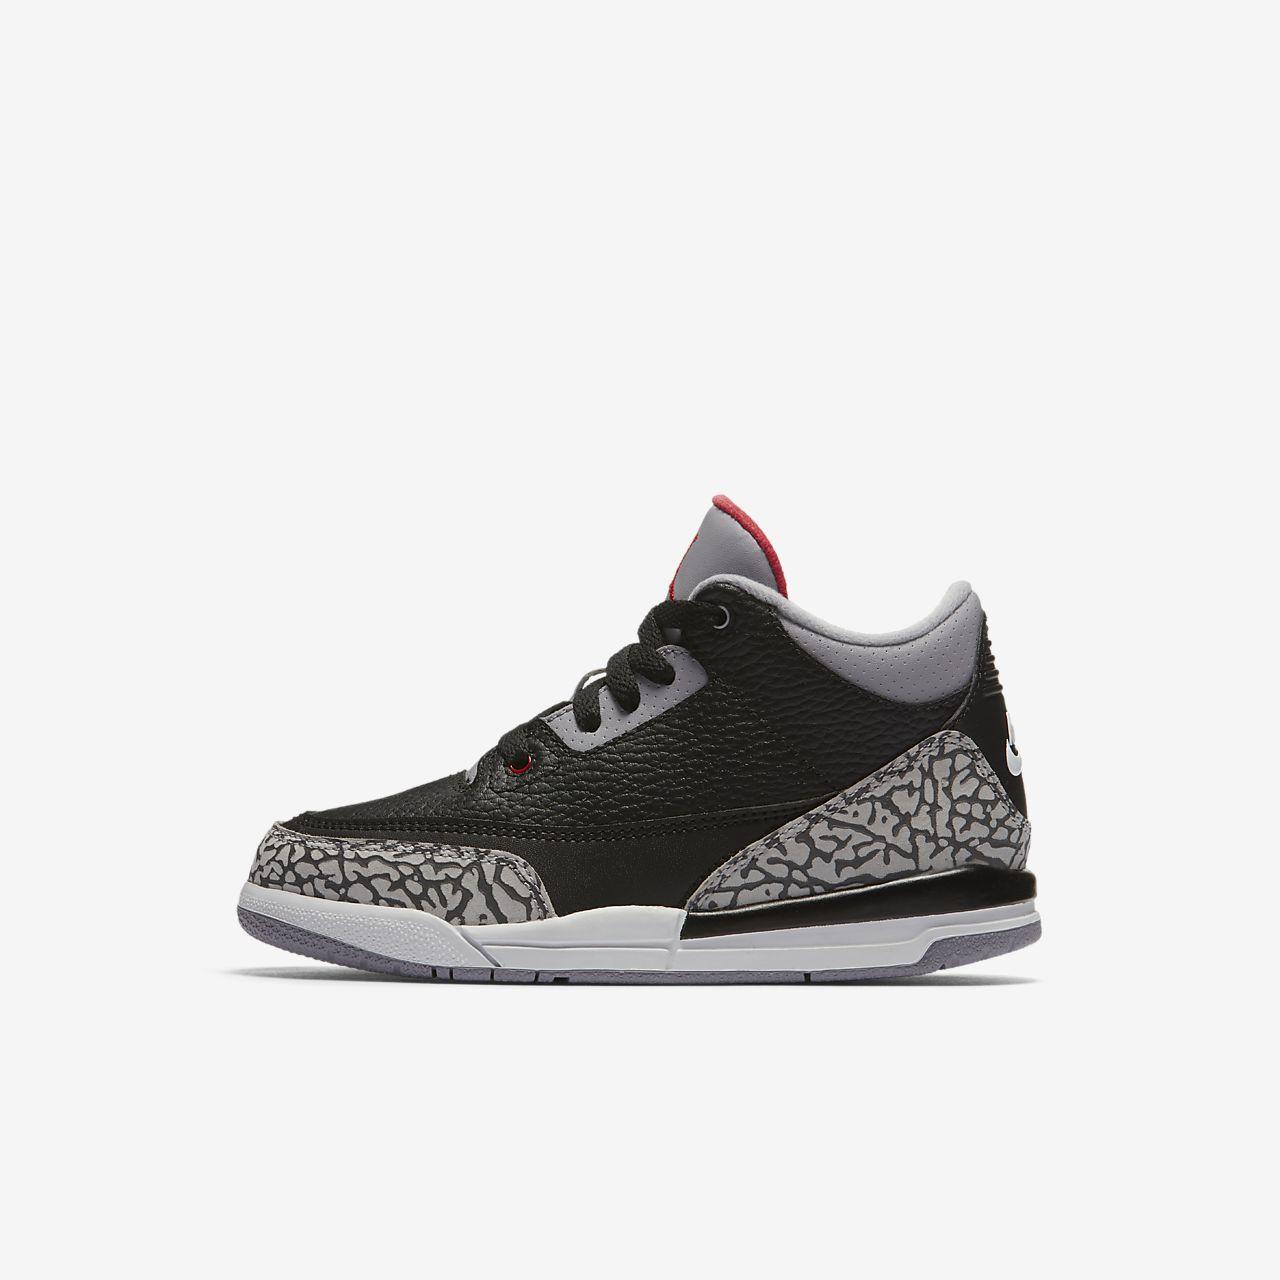 6c35d24796b9c8 ... td shoes black e216b d88b8 france air jordan retro 3 little kids shoe  fd728 9b2a3 ...